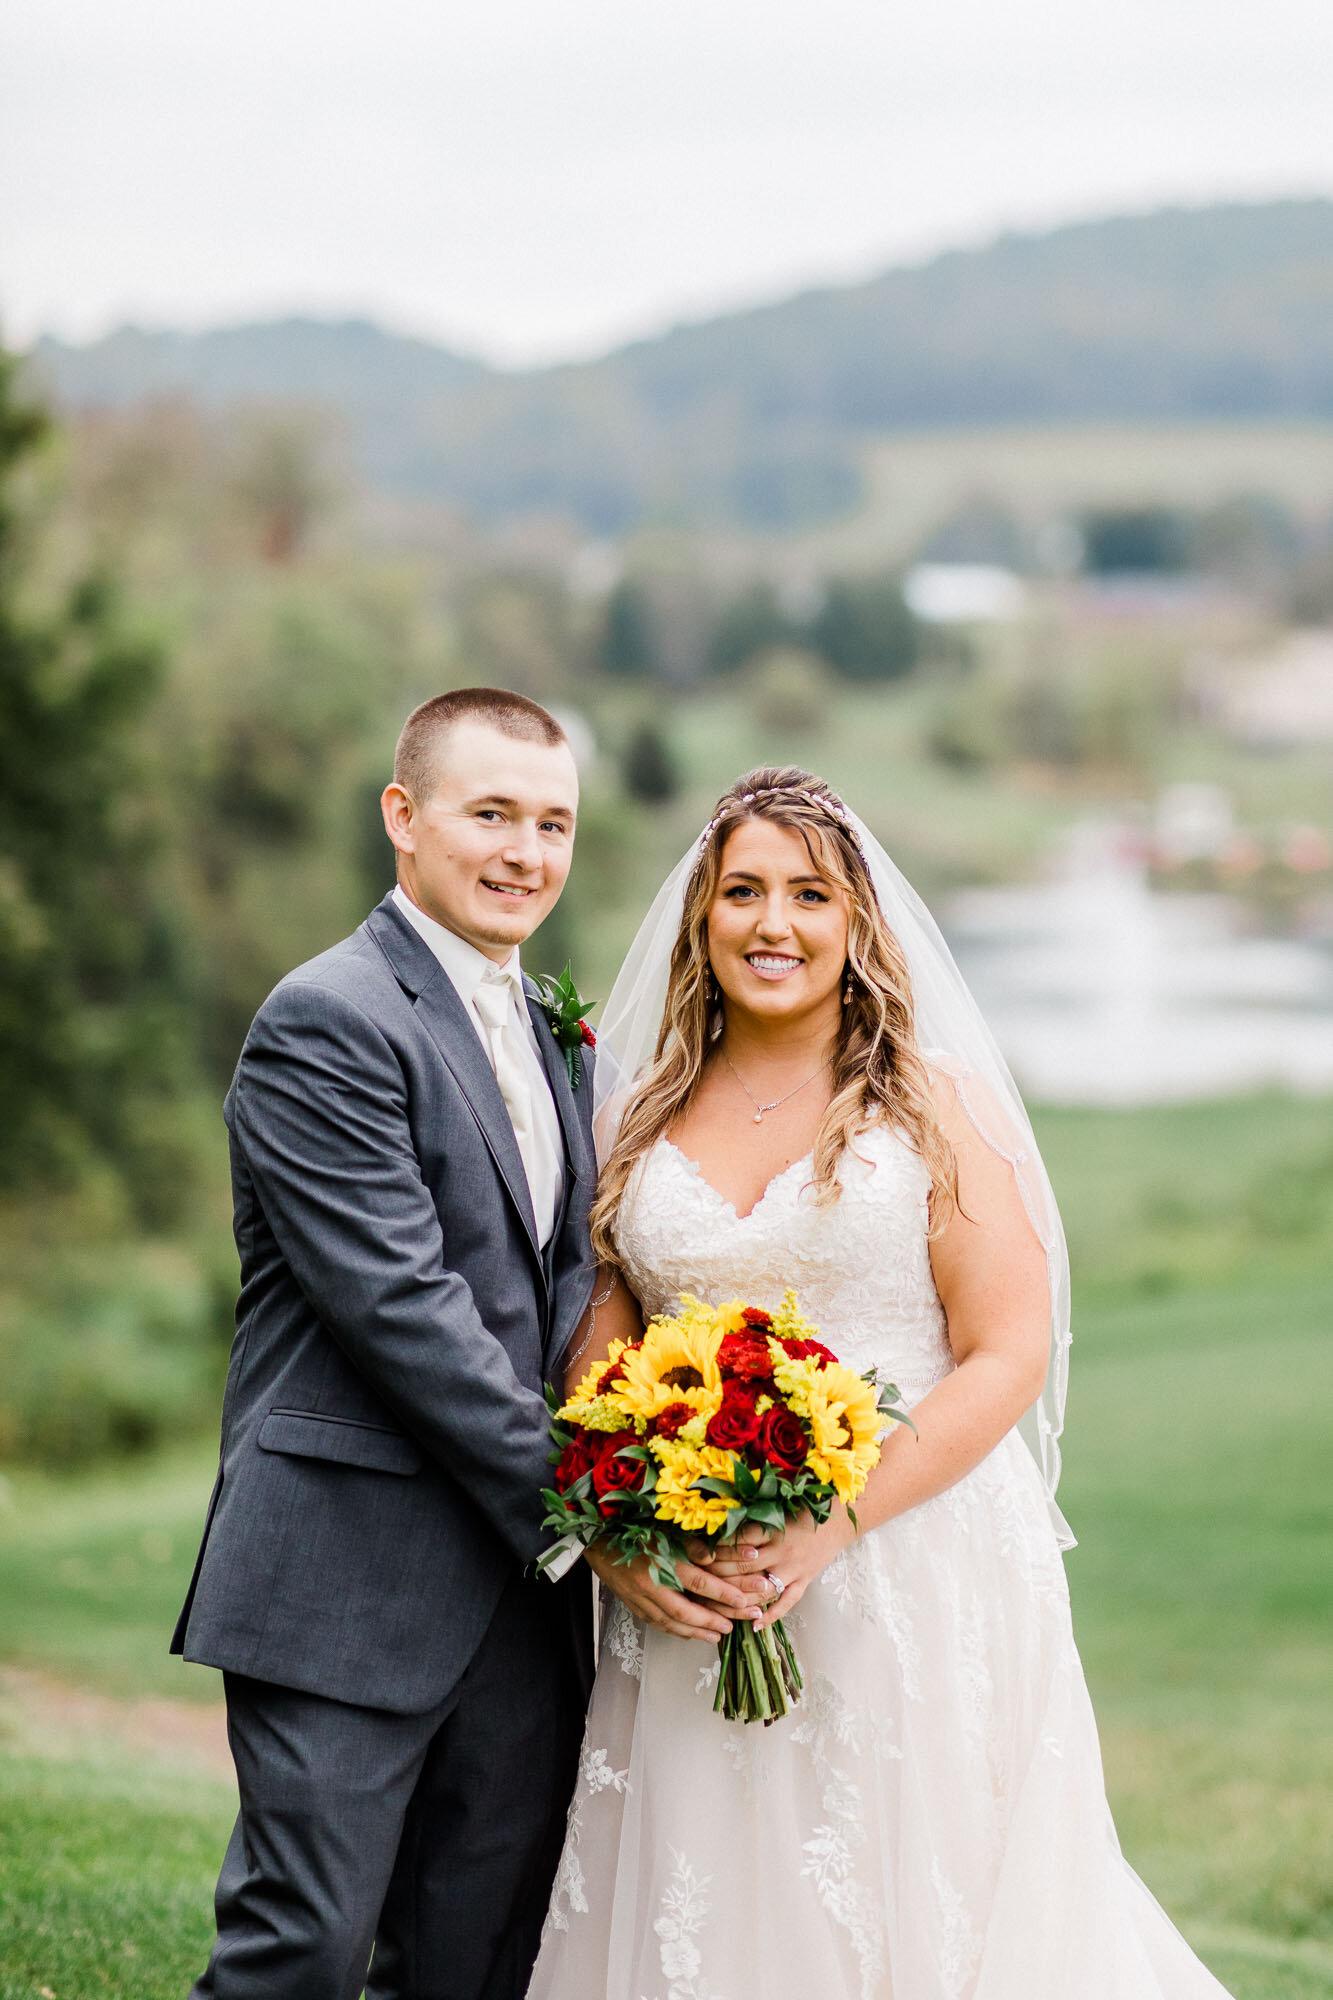 links-hemlock-creek-bloomsburg-wedding-6522.jpg